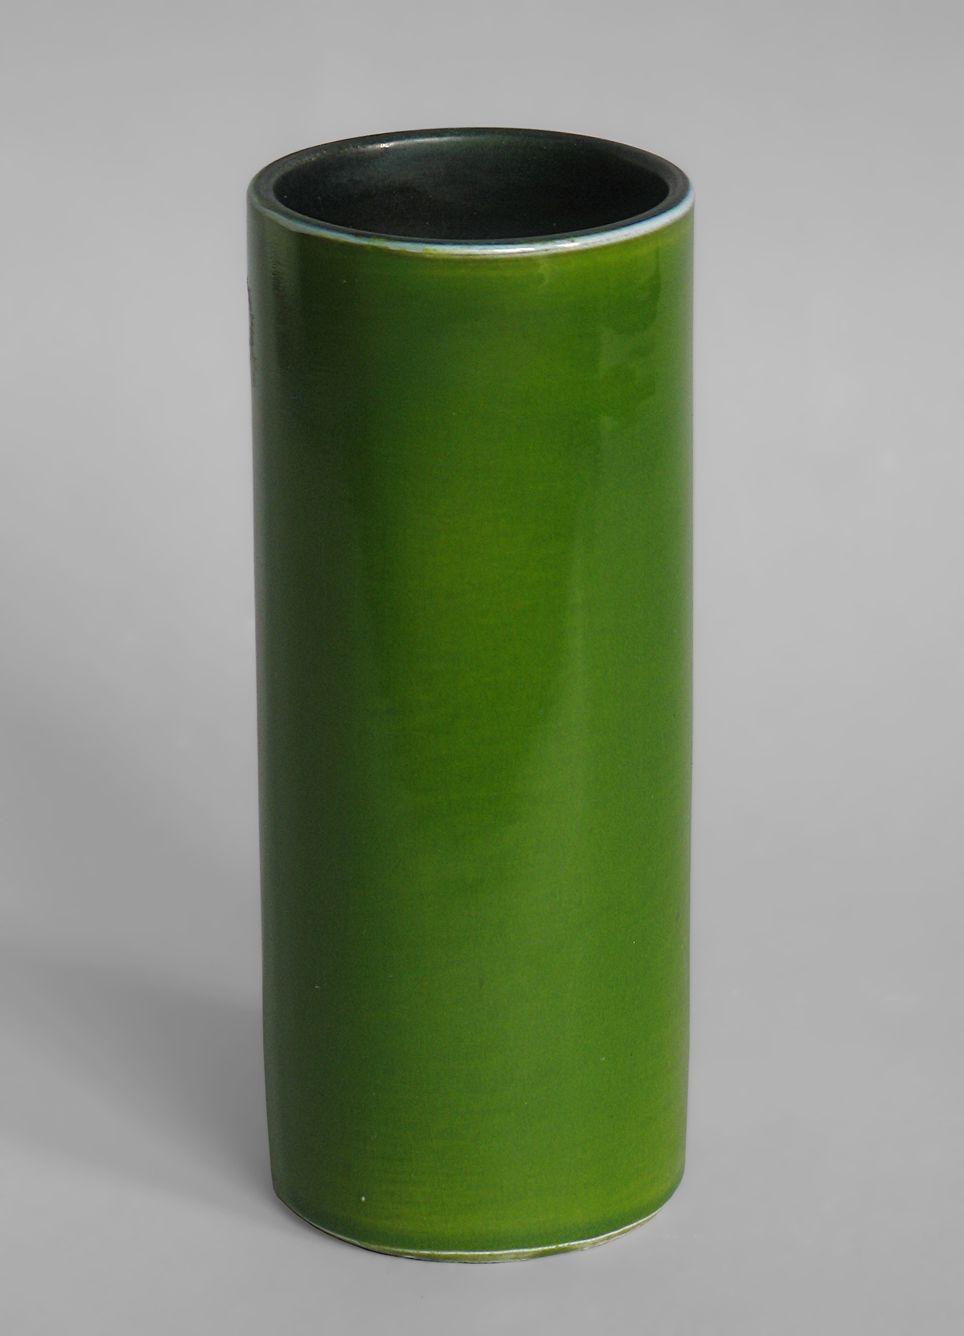 Vase rouleau vert, Georges Jouve, 1955